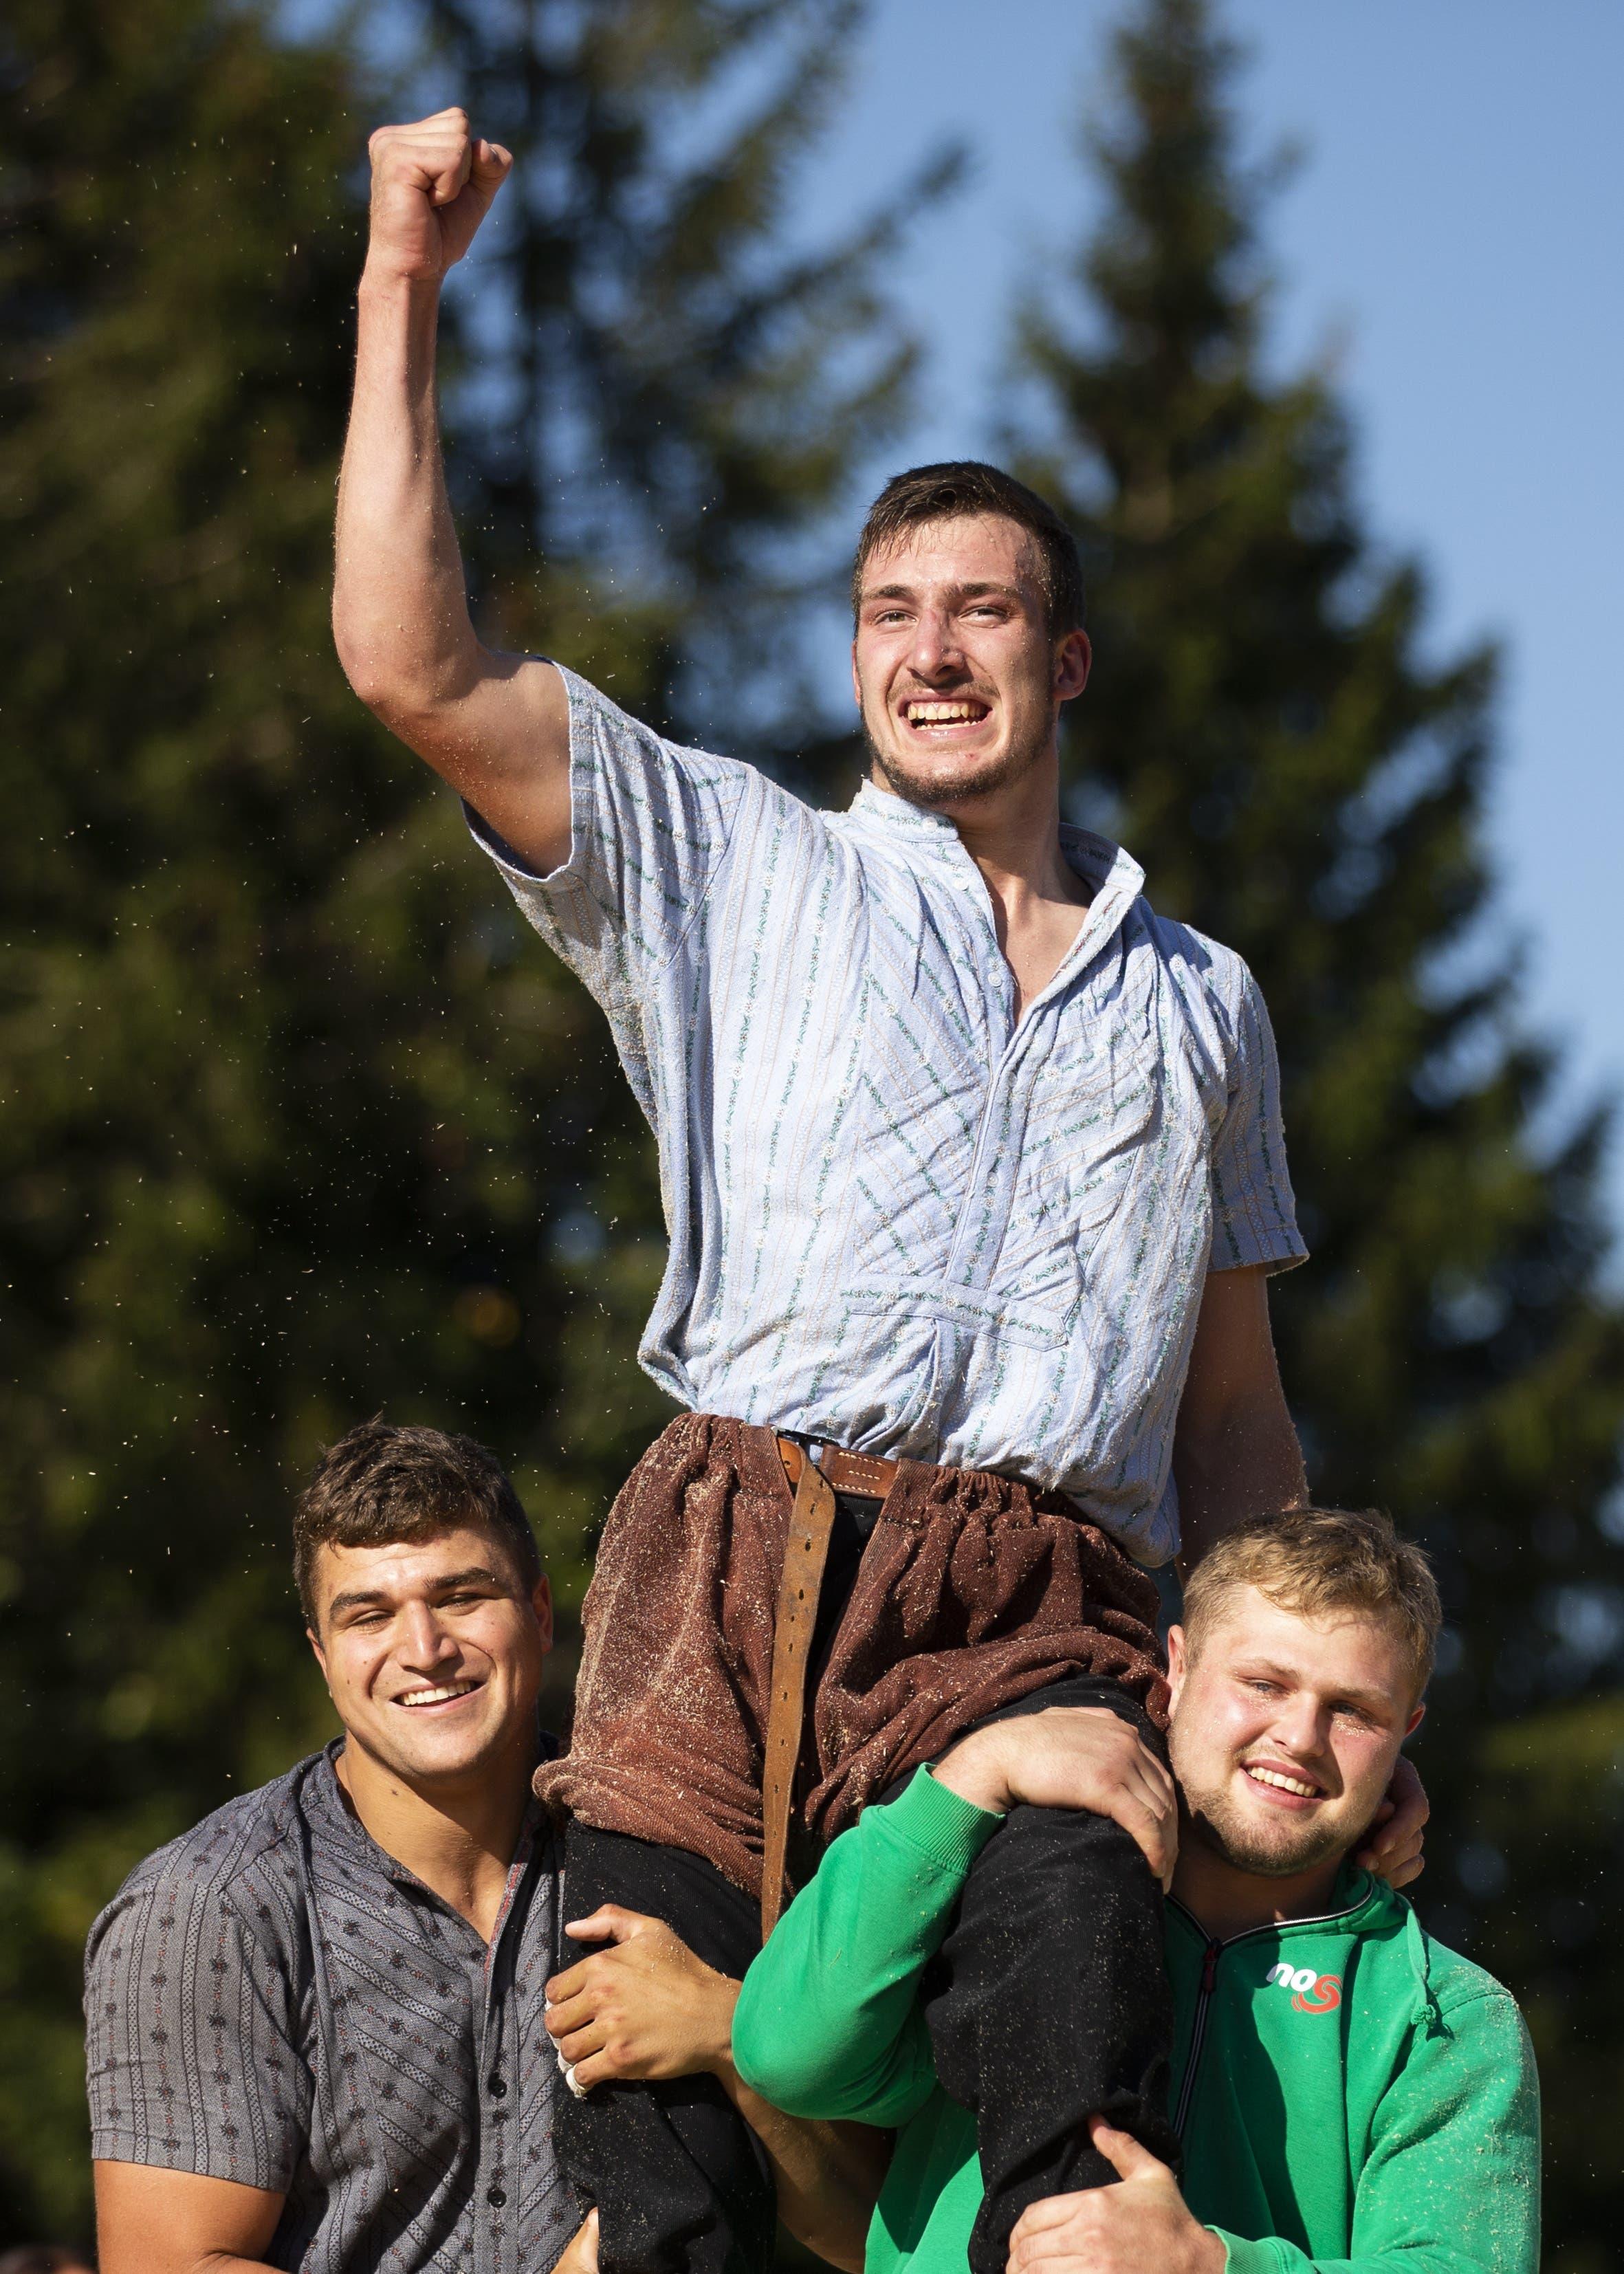 Damian Ott: Der 21-jährige Toggenburger ist mit zwei Bergkranzfestsiegen der Aufsteiger der Saison.